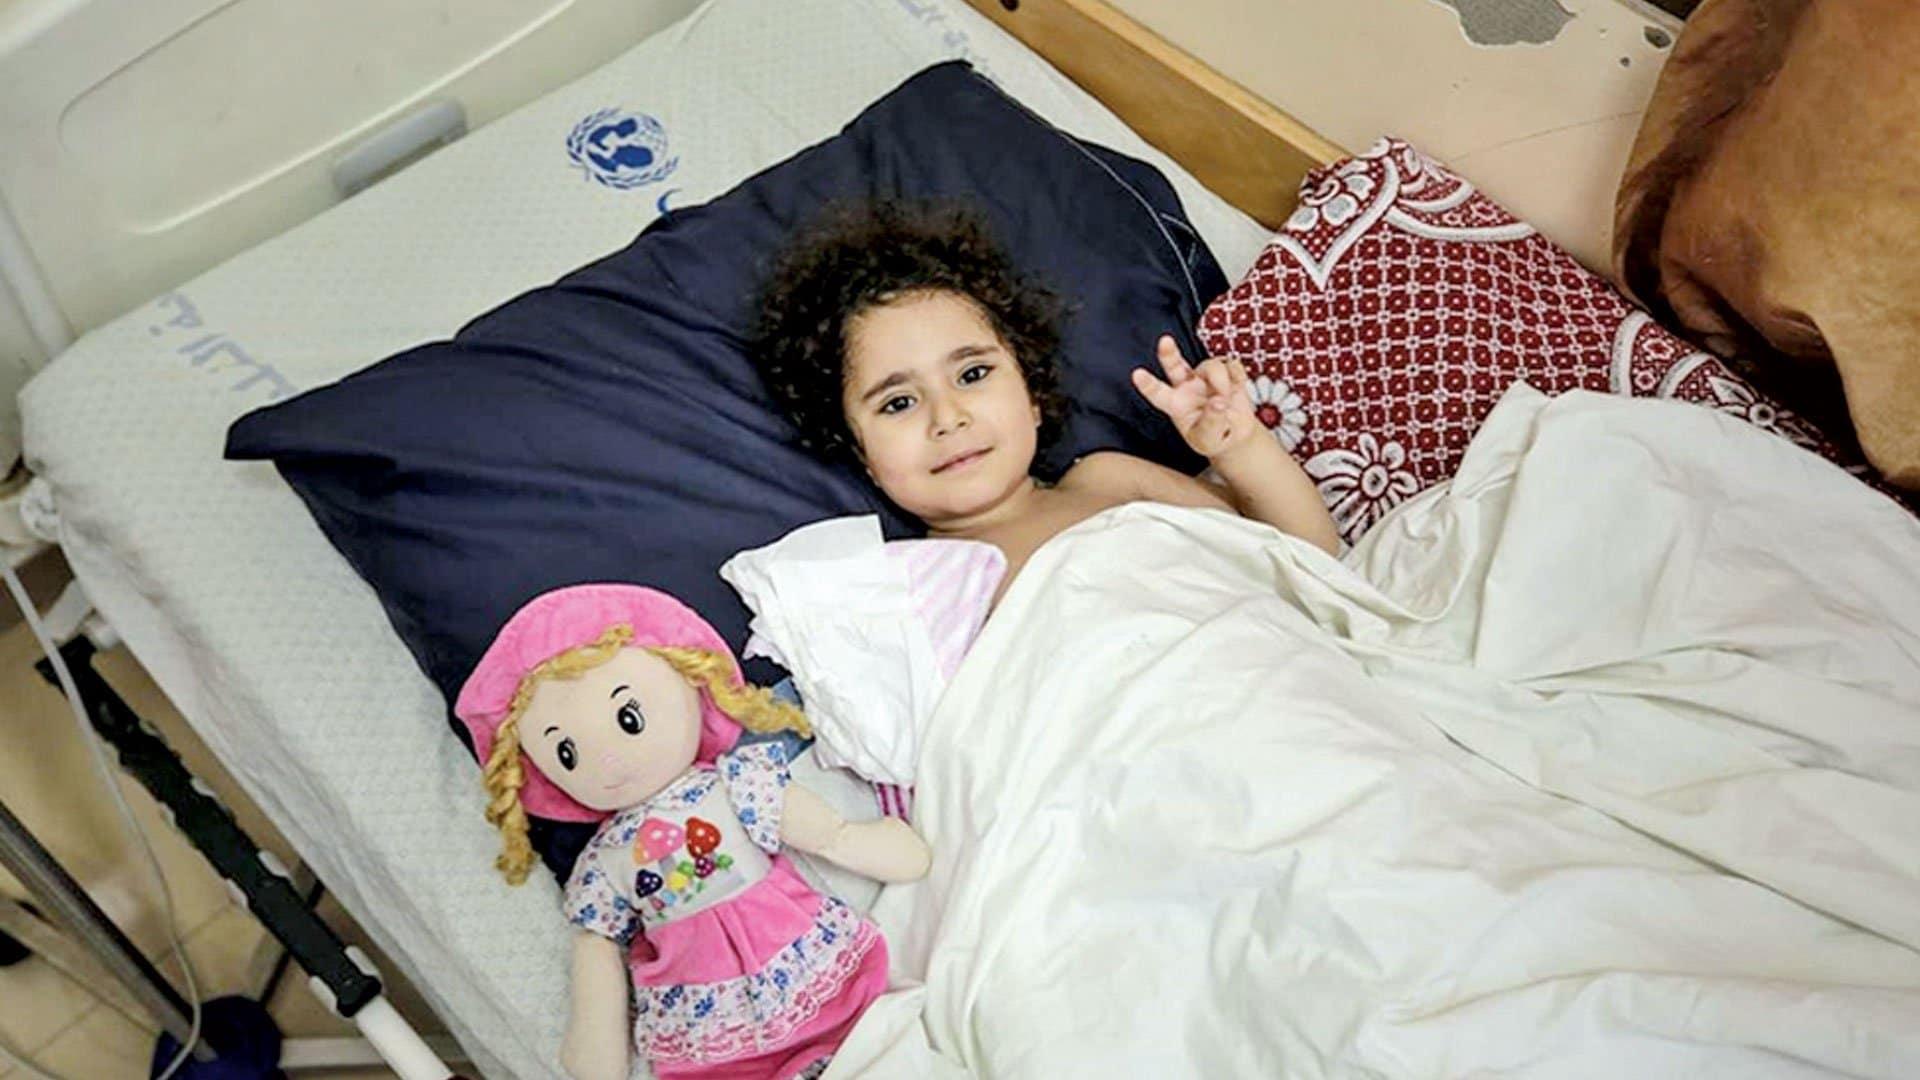 سارة المتربيعي.. طفلة فلسطينية تشعل العالم حزناً بعد إصابتها بصاروخ إسرائيلي (فيديو)